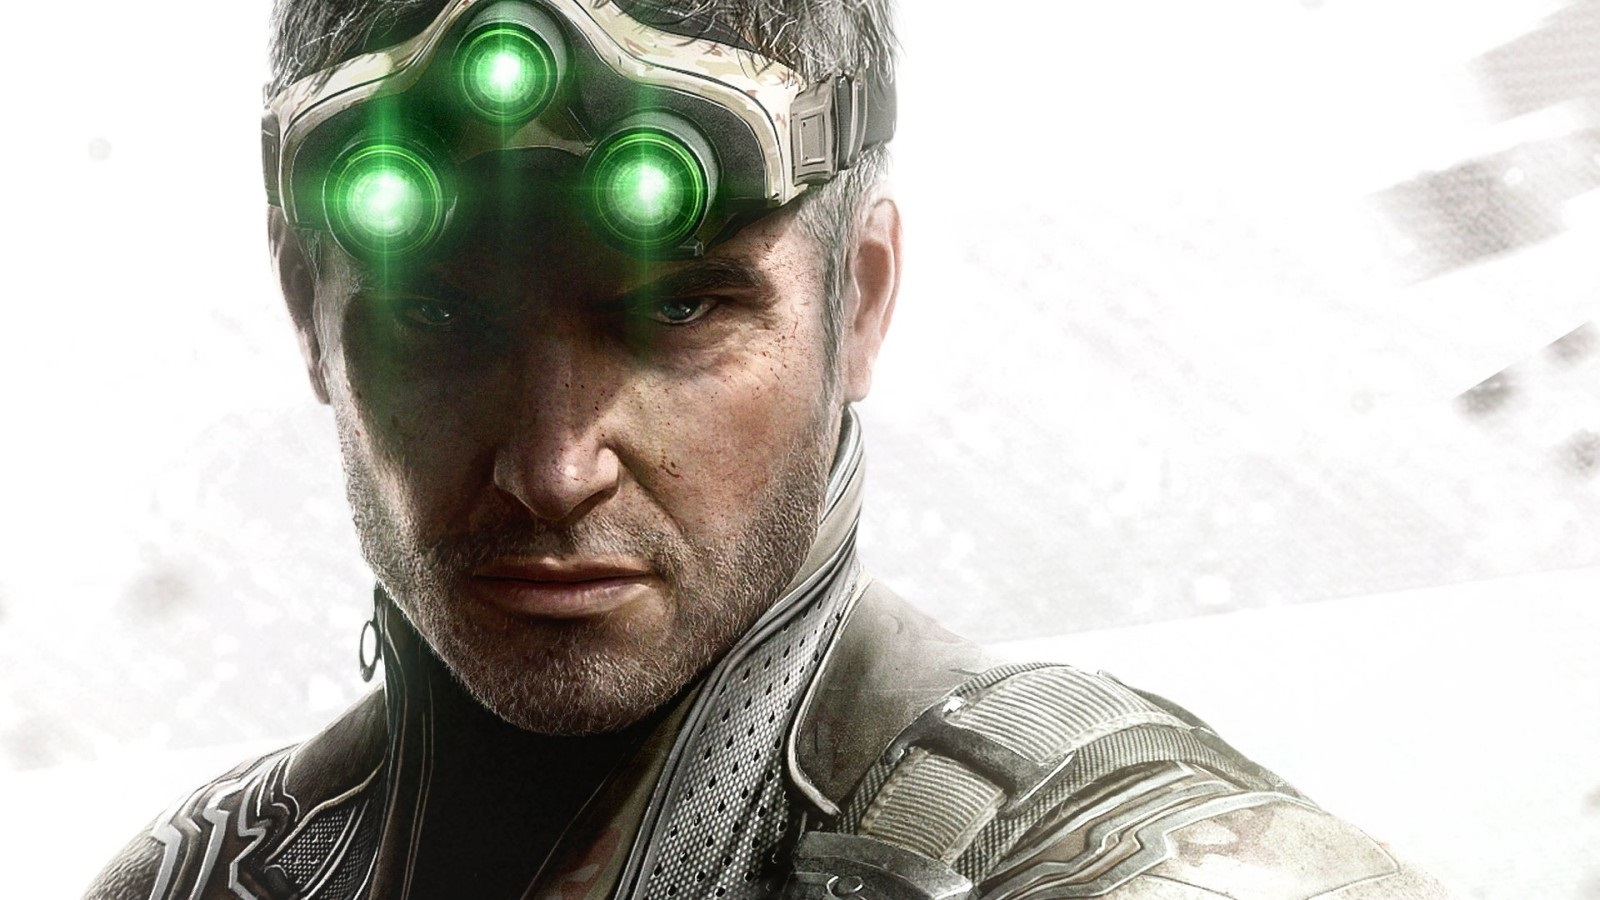 Splinter Cell 2019; screenshot: cover